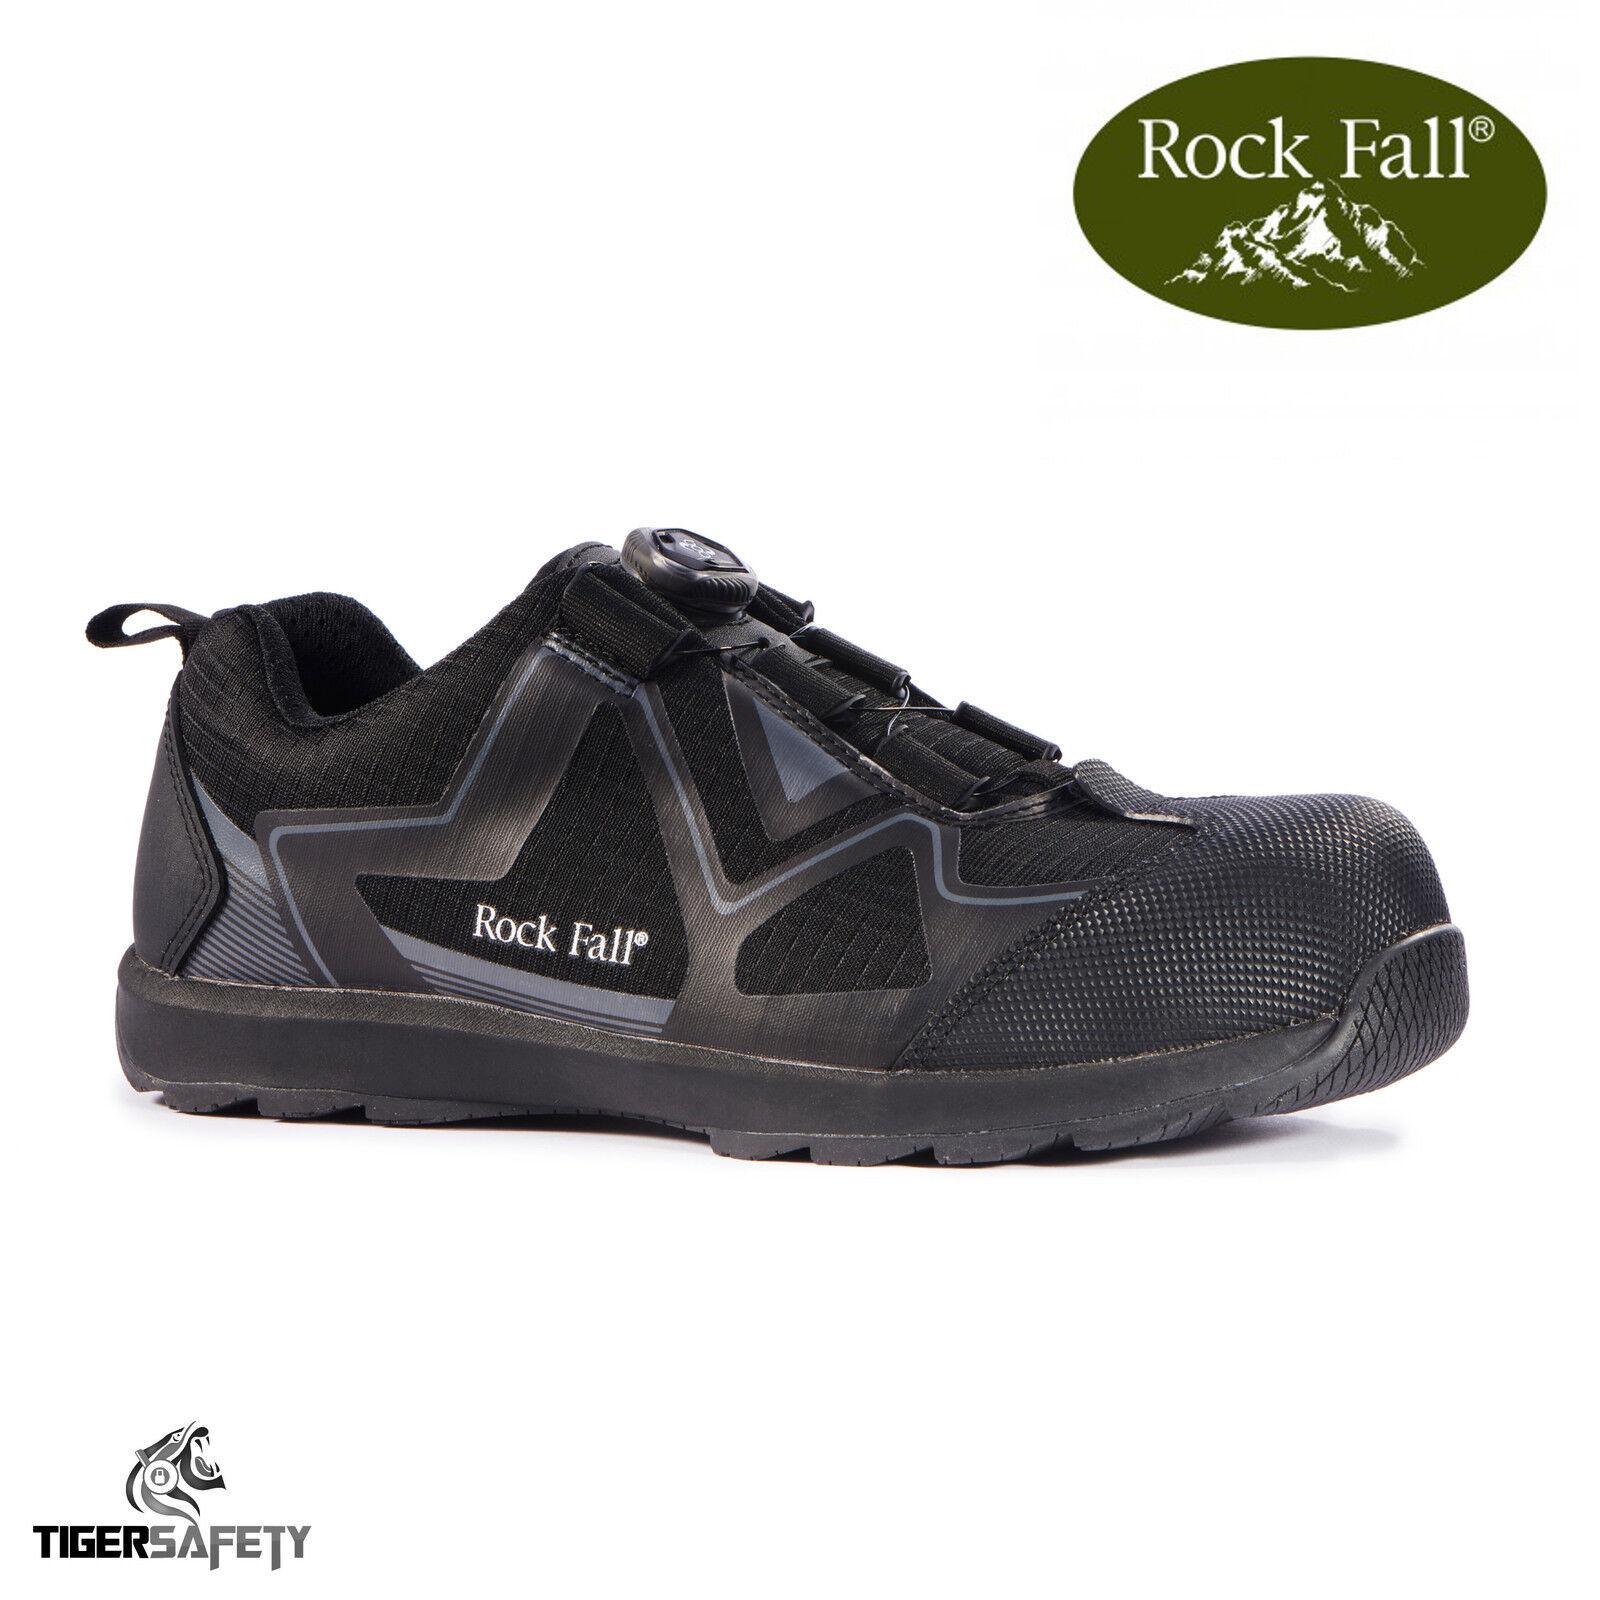 Rock Fall Nero Volta RF140 Sb Src Nero Fall Elettrico Hazard Boa Lacci Scarpe di Sicurezza c2239d